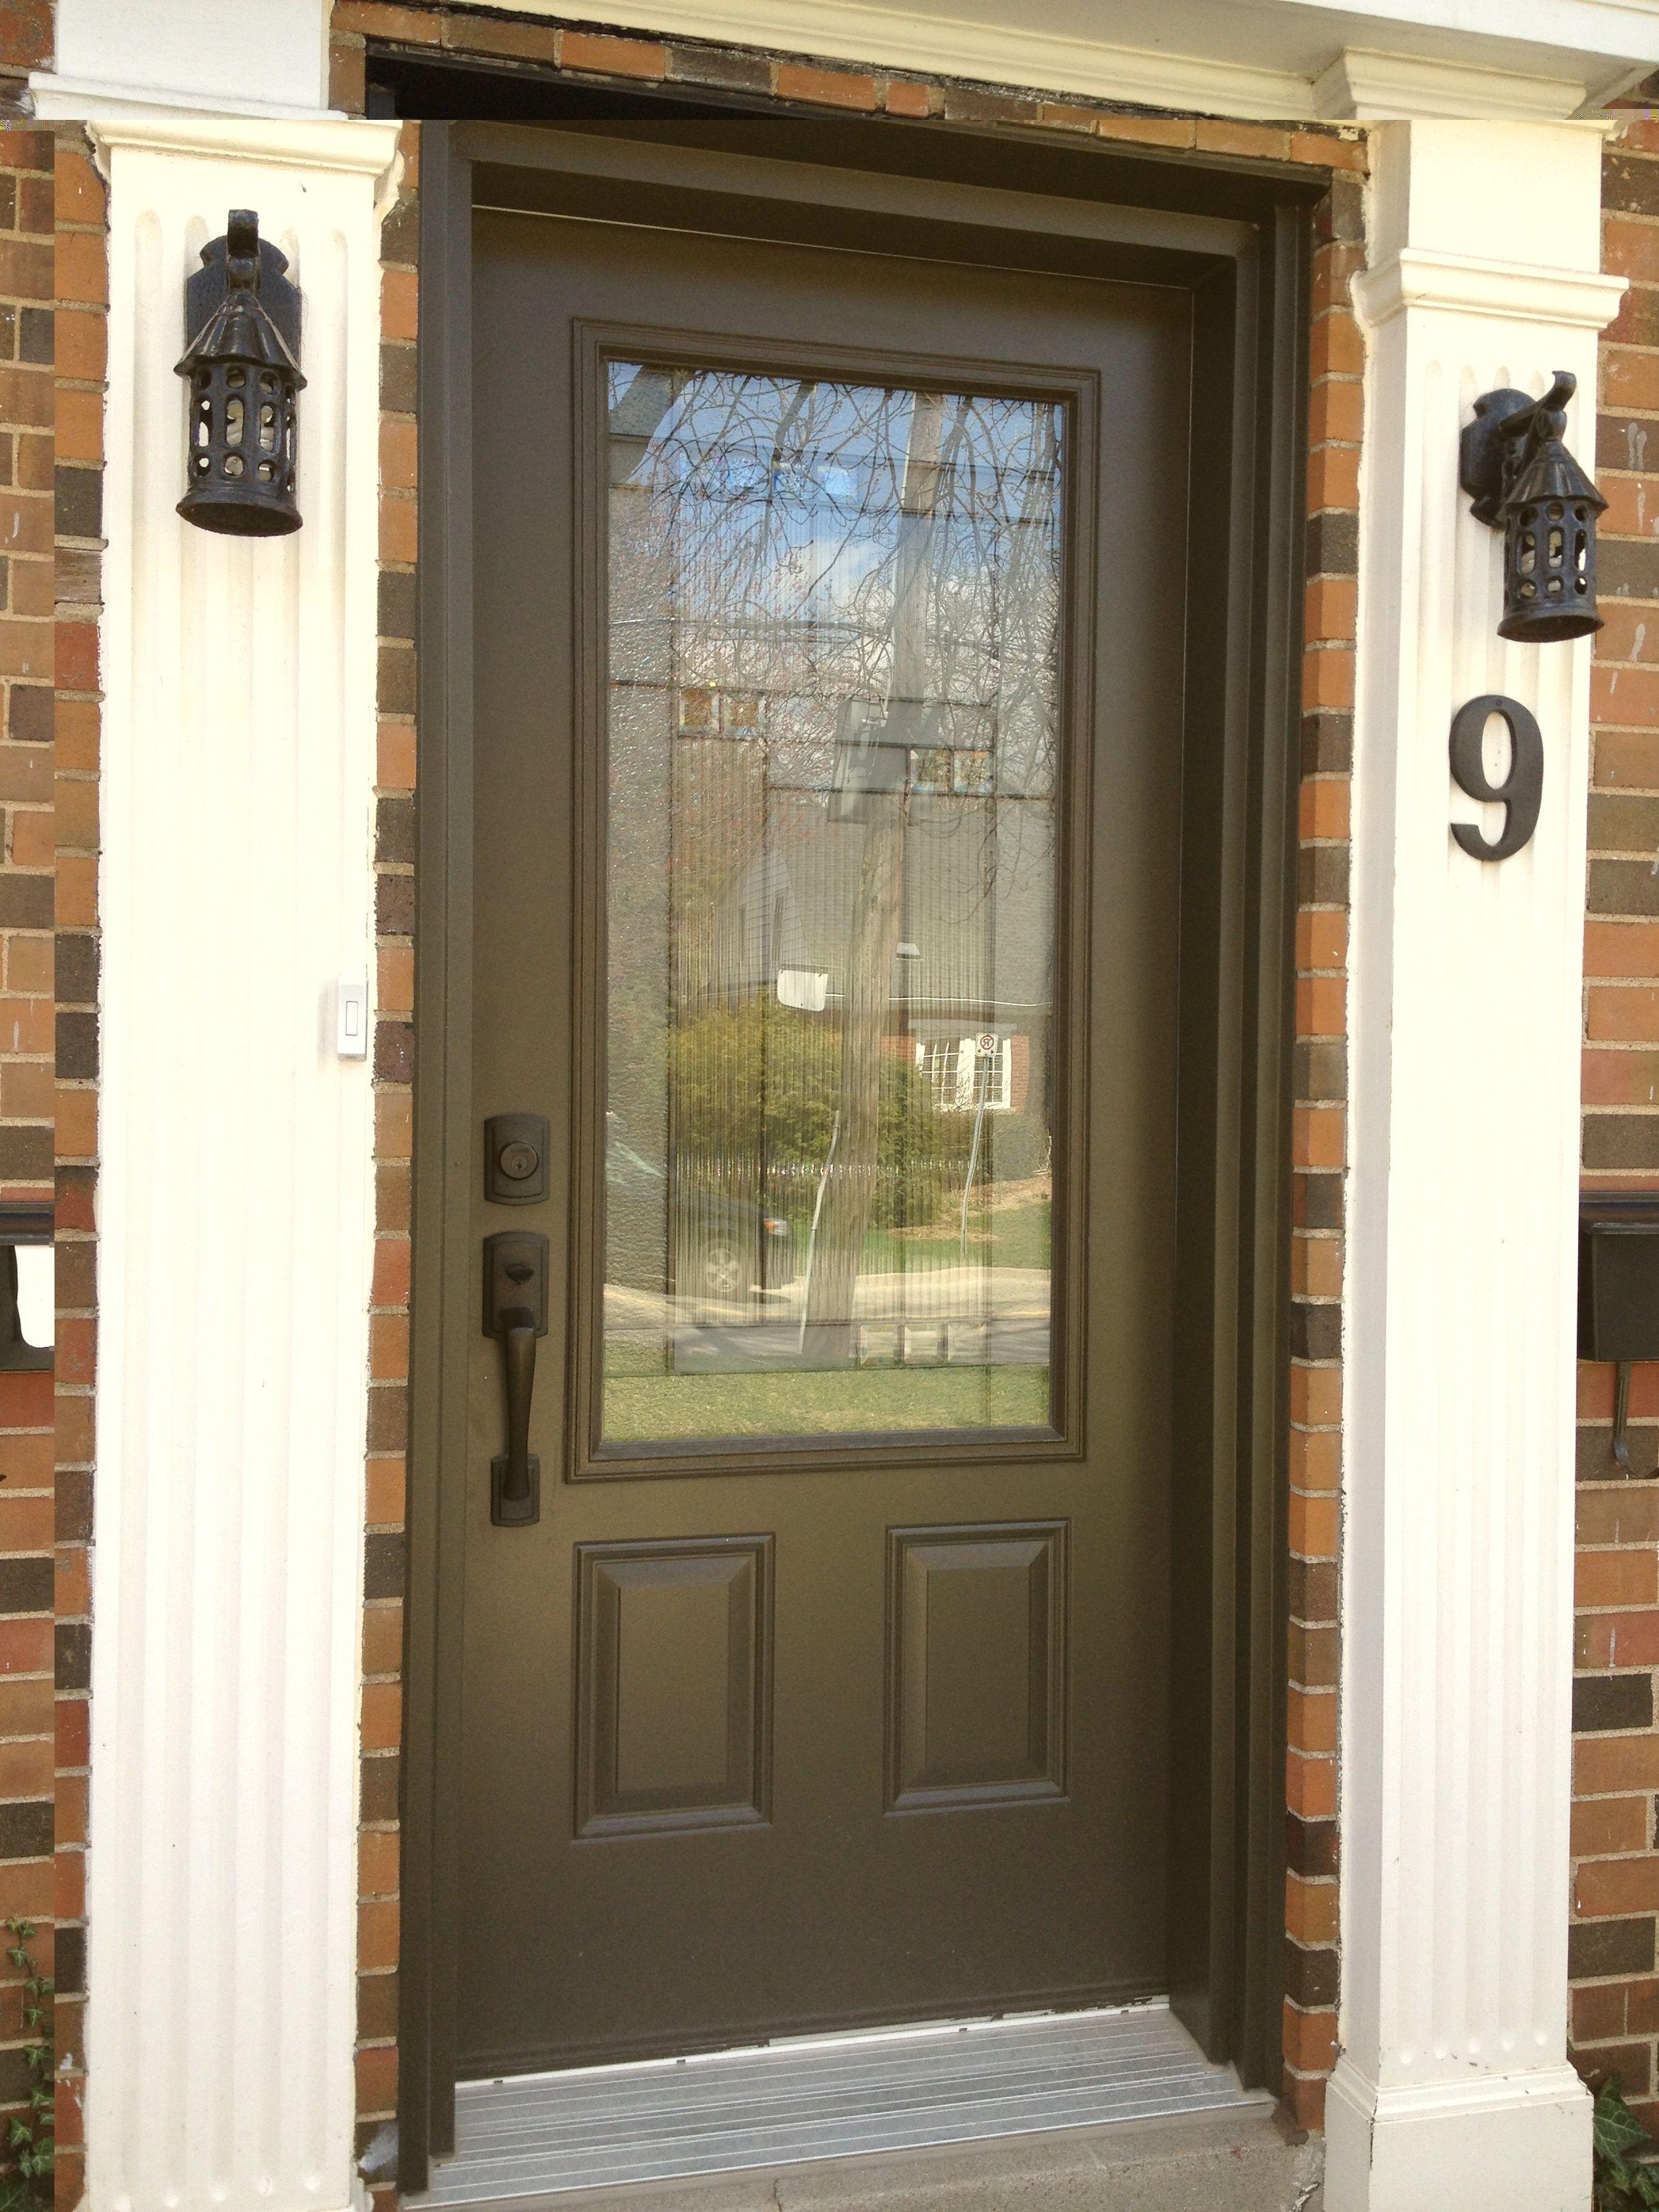 Double Steel Exterior Entry Doors Httpthefallguyediting